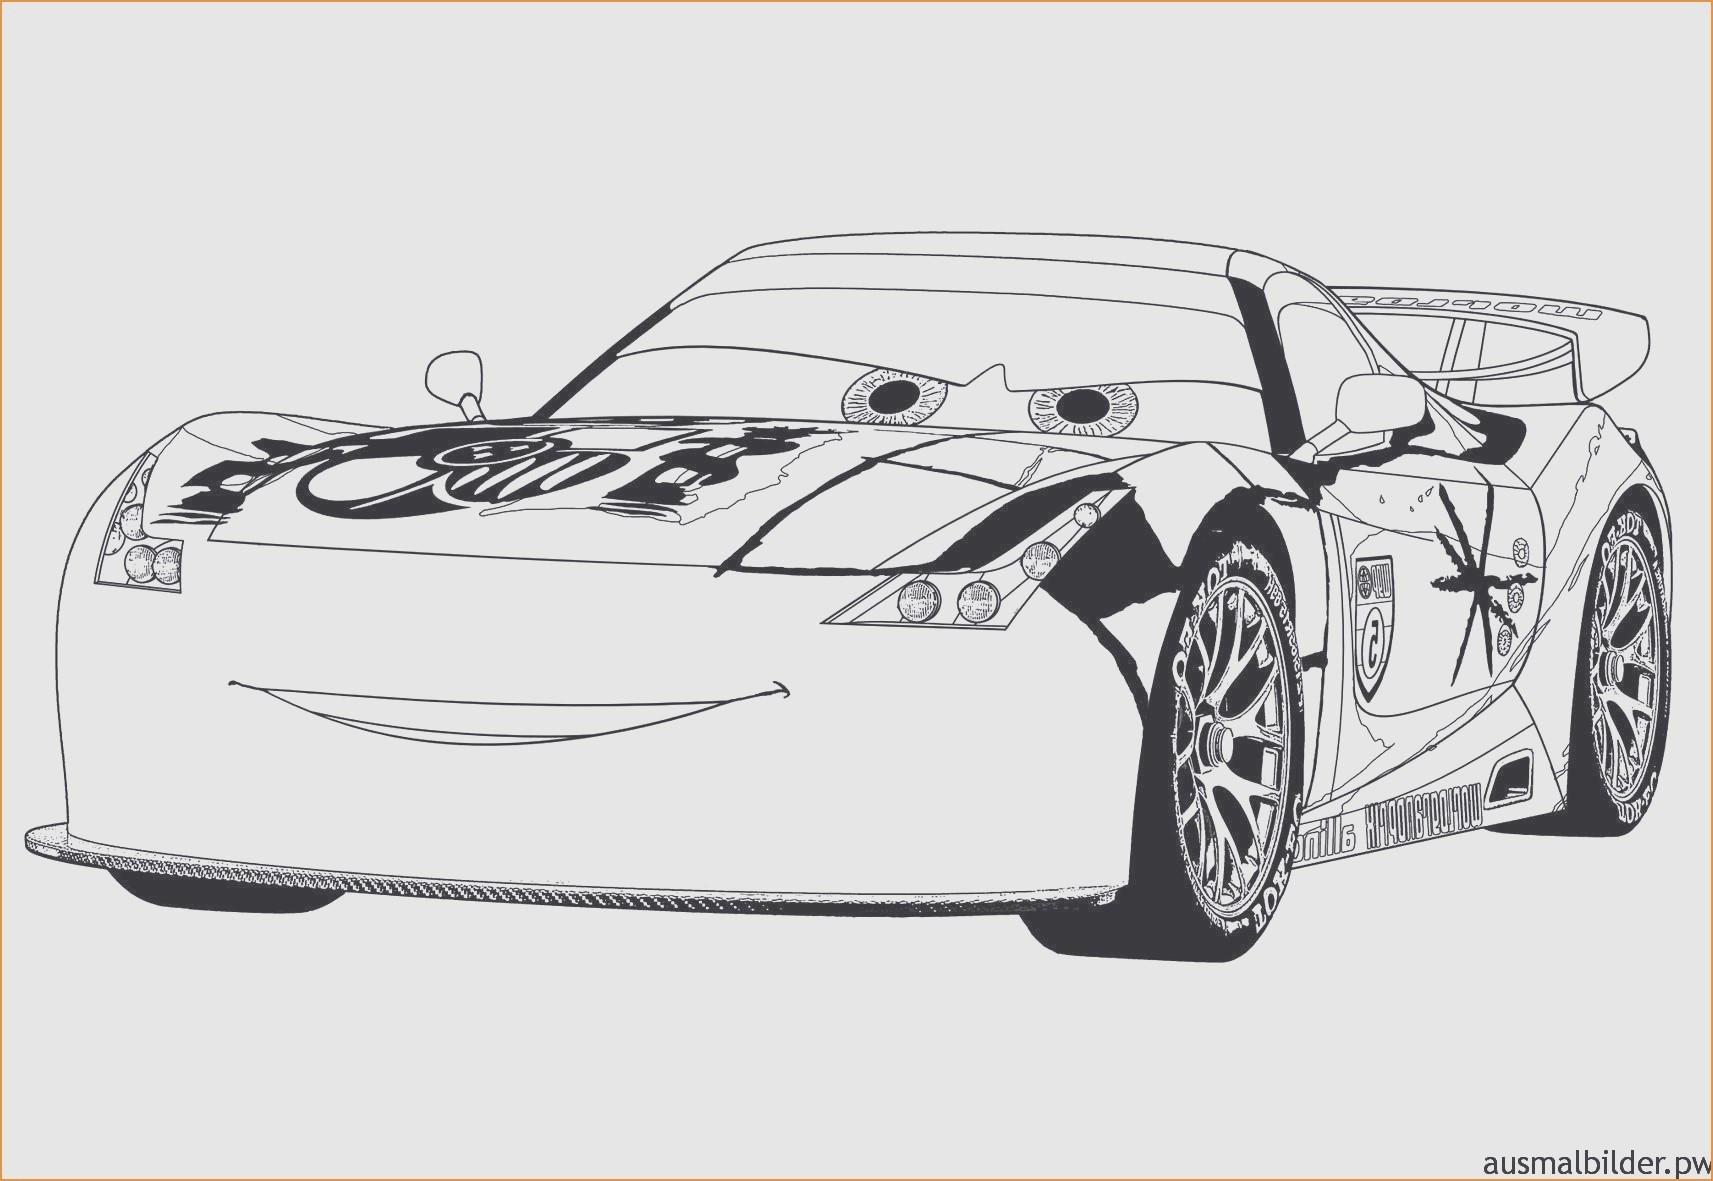 Ausmalbilder Rennauto Neu Ausmalbilder Autos Kostenlos Kollektionen Von Designs Das Bild